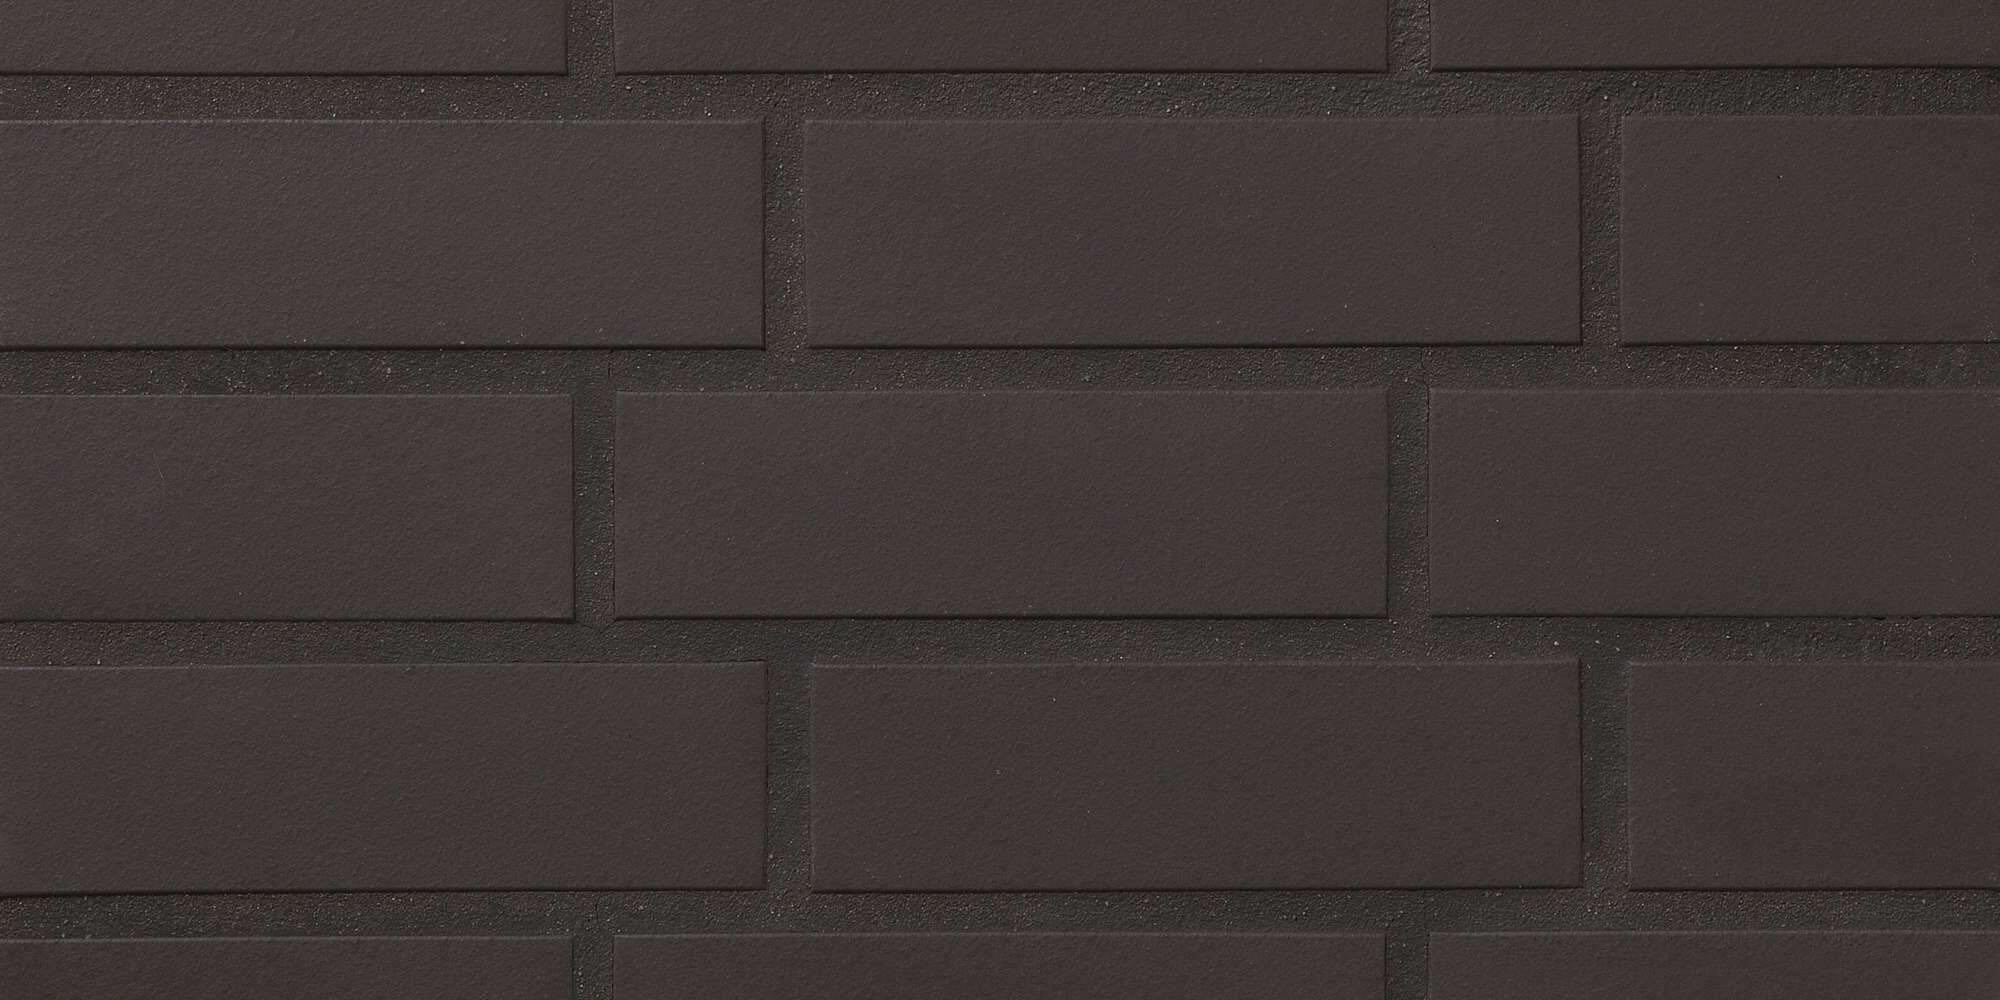 Stroeher - 330 graphit, Keravette, unglasiert, неглазурованная, гладкая, 240x71x11 - Клинкерная плитка для фасада и внутренней отделки